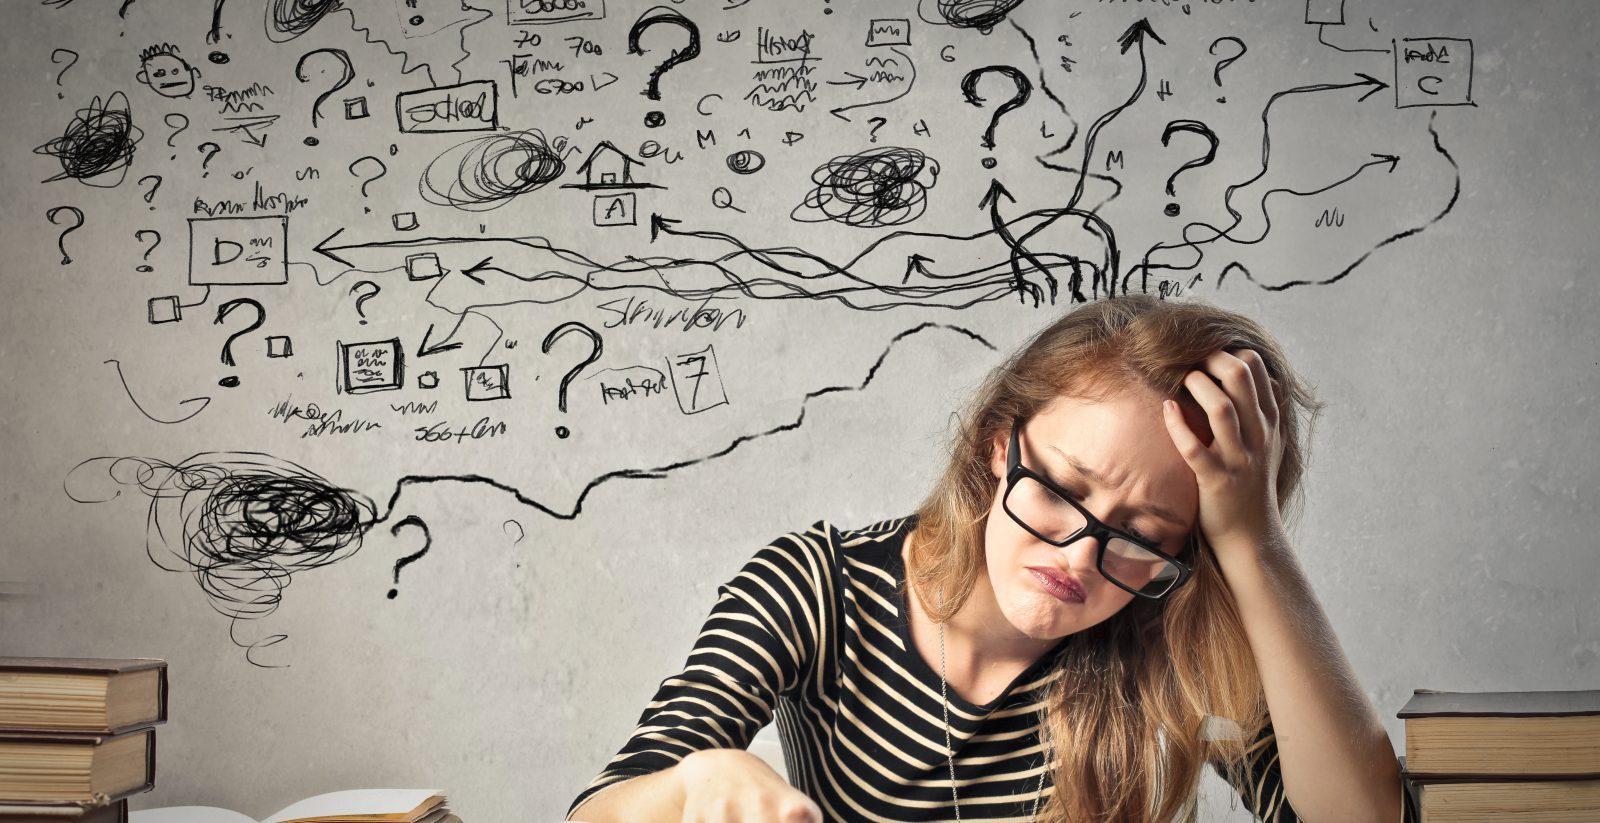 Femme stressée illustre Le stress – qu'est-ce que c'est exactement